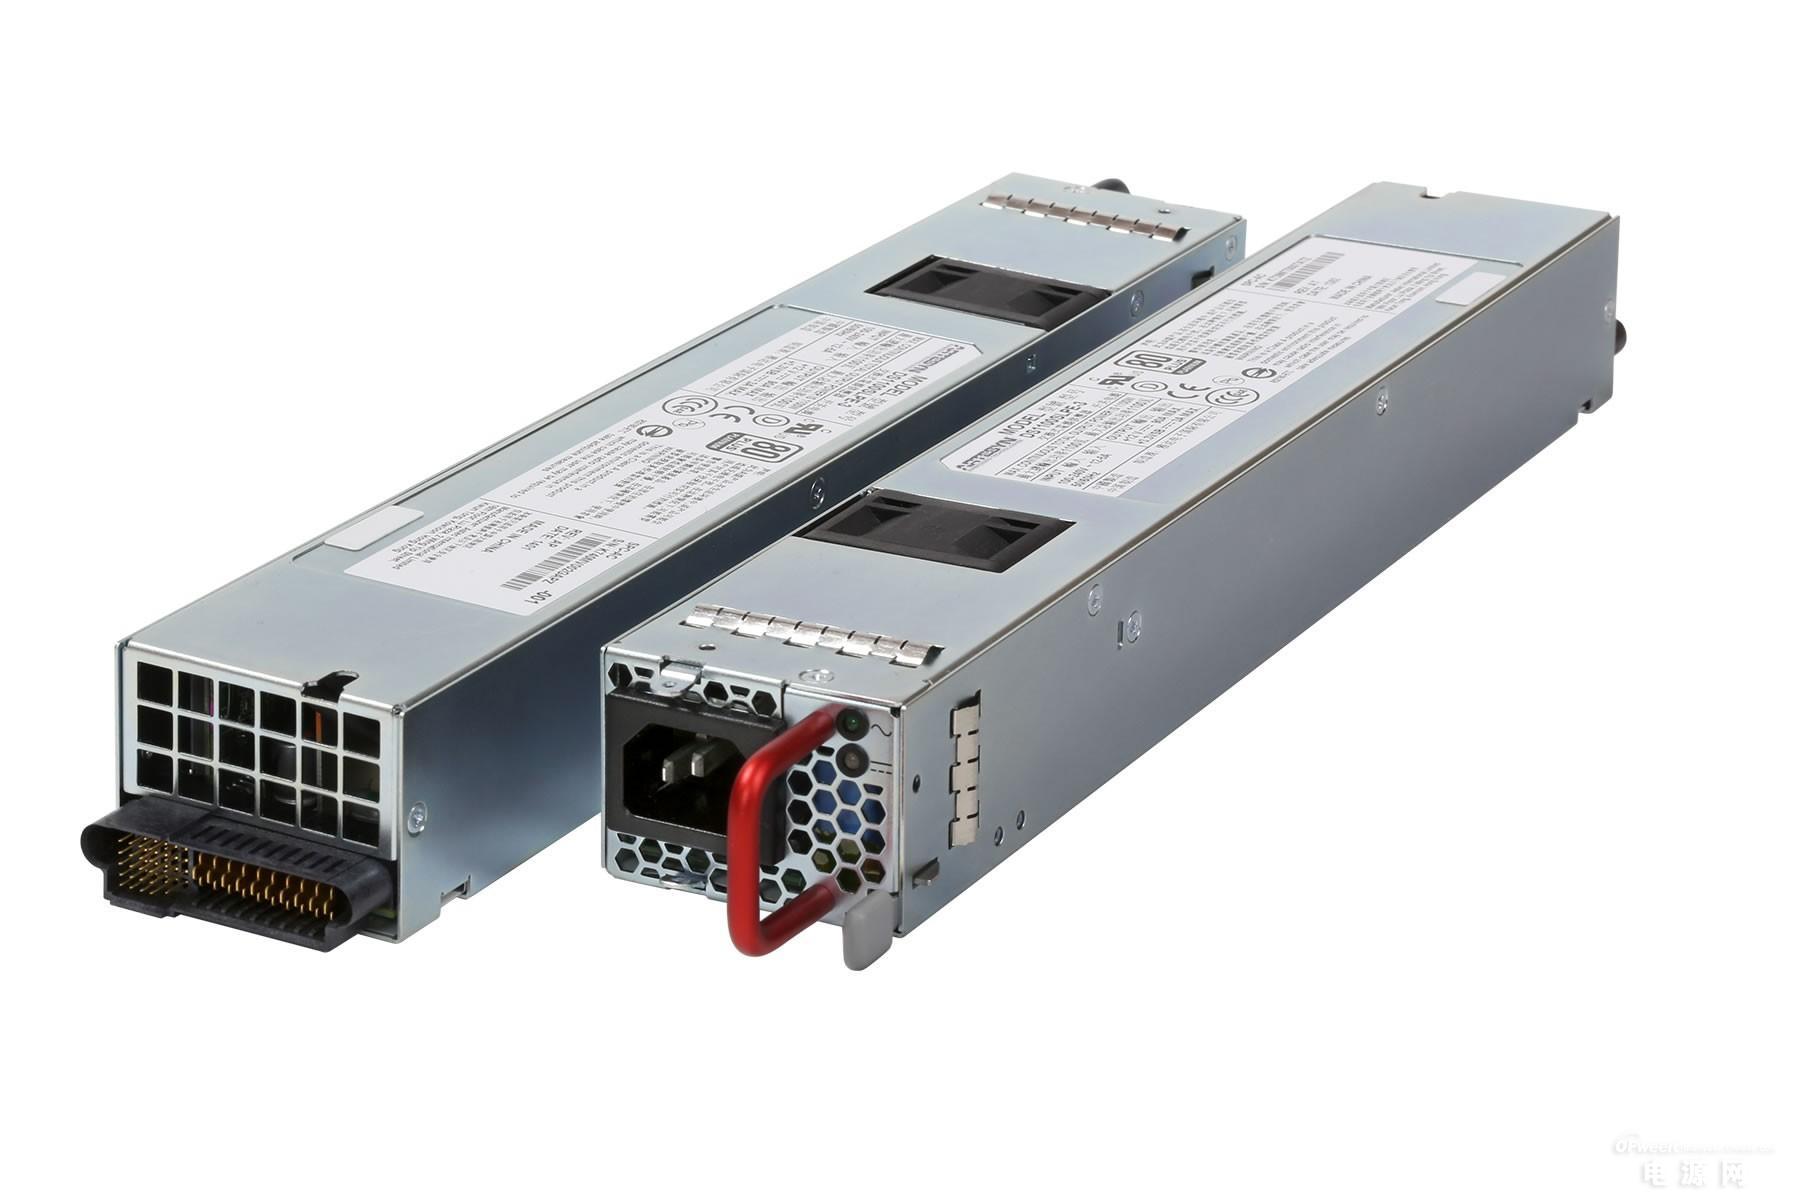 雅特生科技推出多款适用于更宽交流和直流输入电压范围的产品